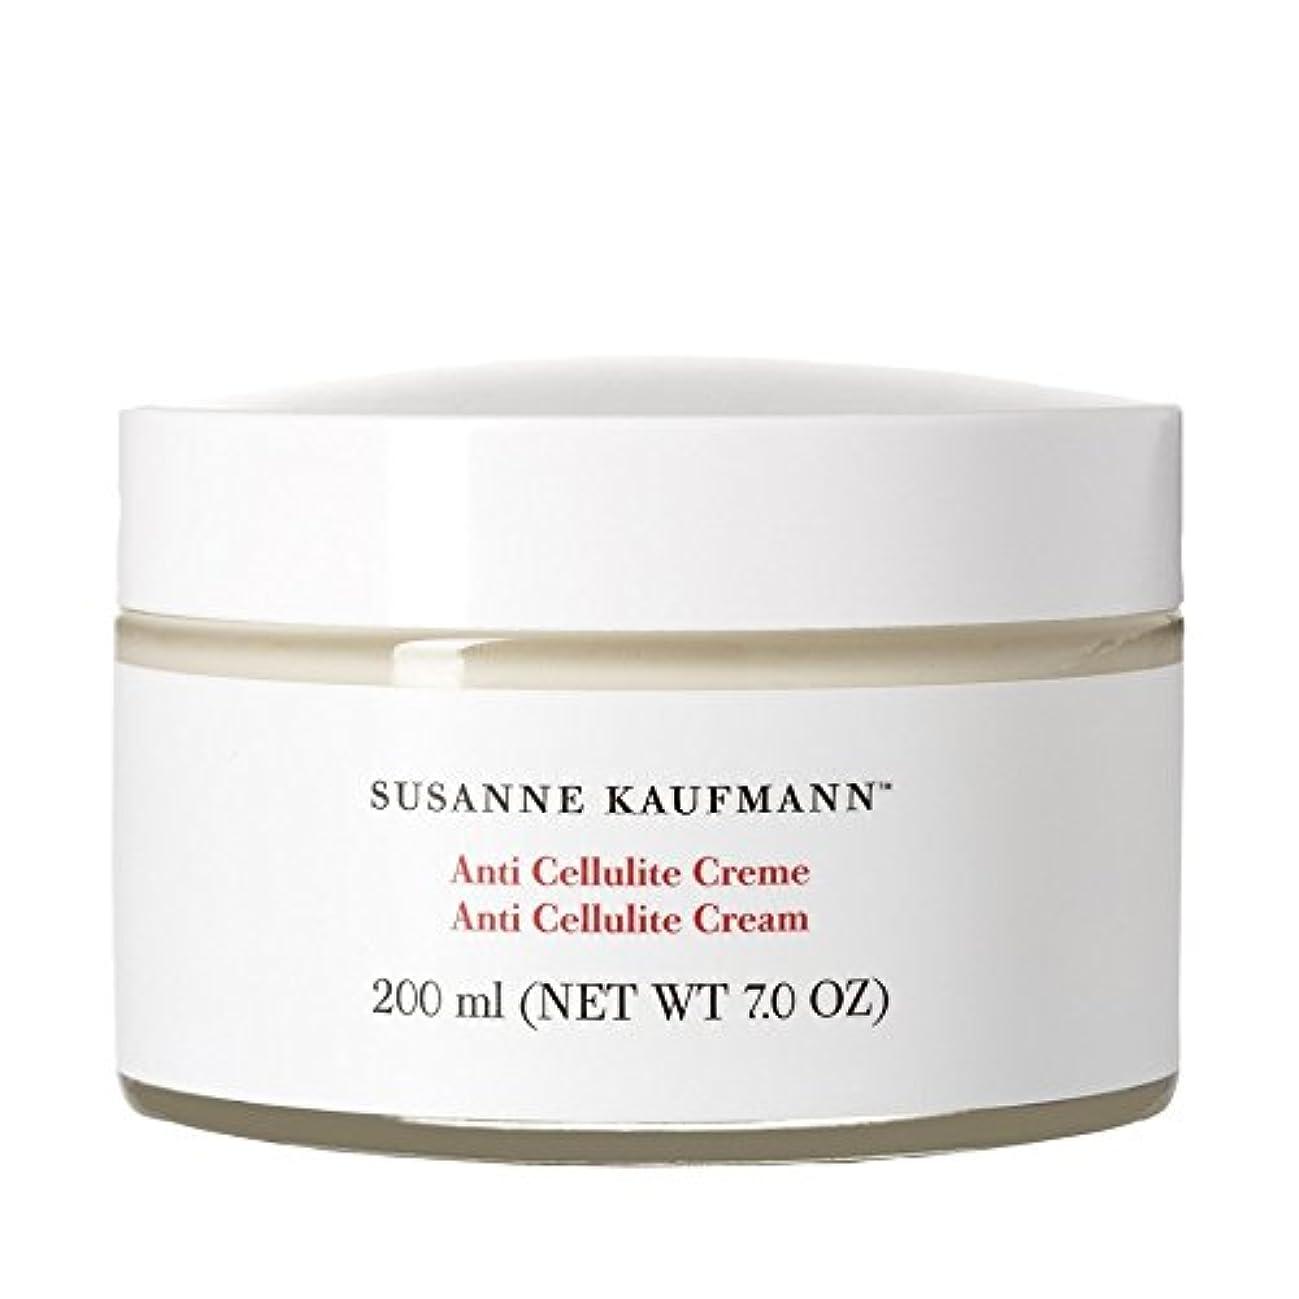 パイントトランザクションジャンルSusanne Kaufmann Anti Cellulite Cream 200ml - スザンヌカウフマン抗セルライトクリーム200ミリリットル [並行輸入品]